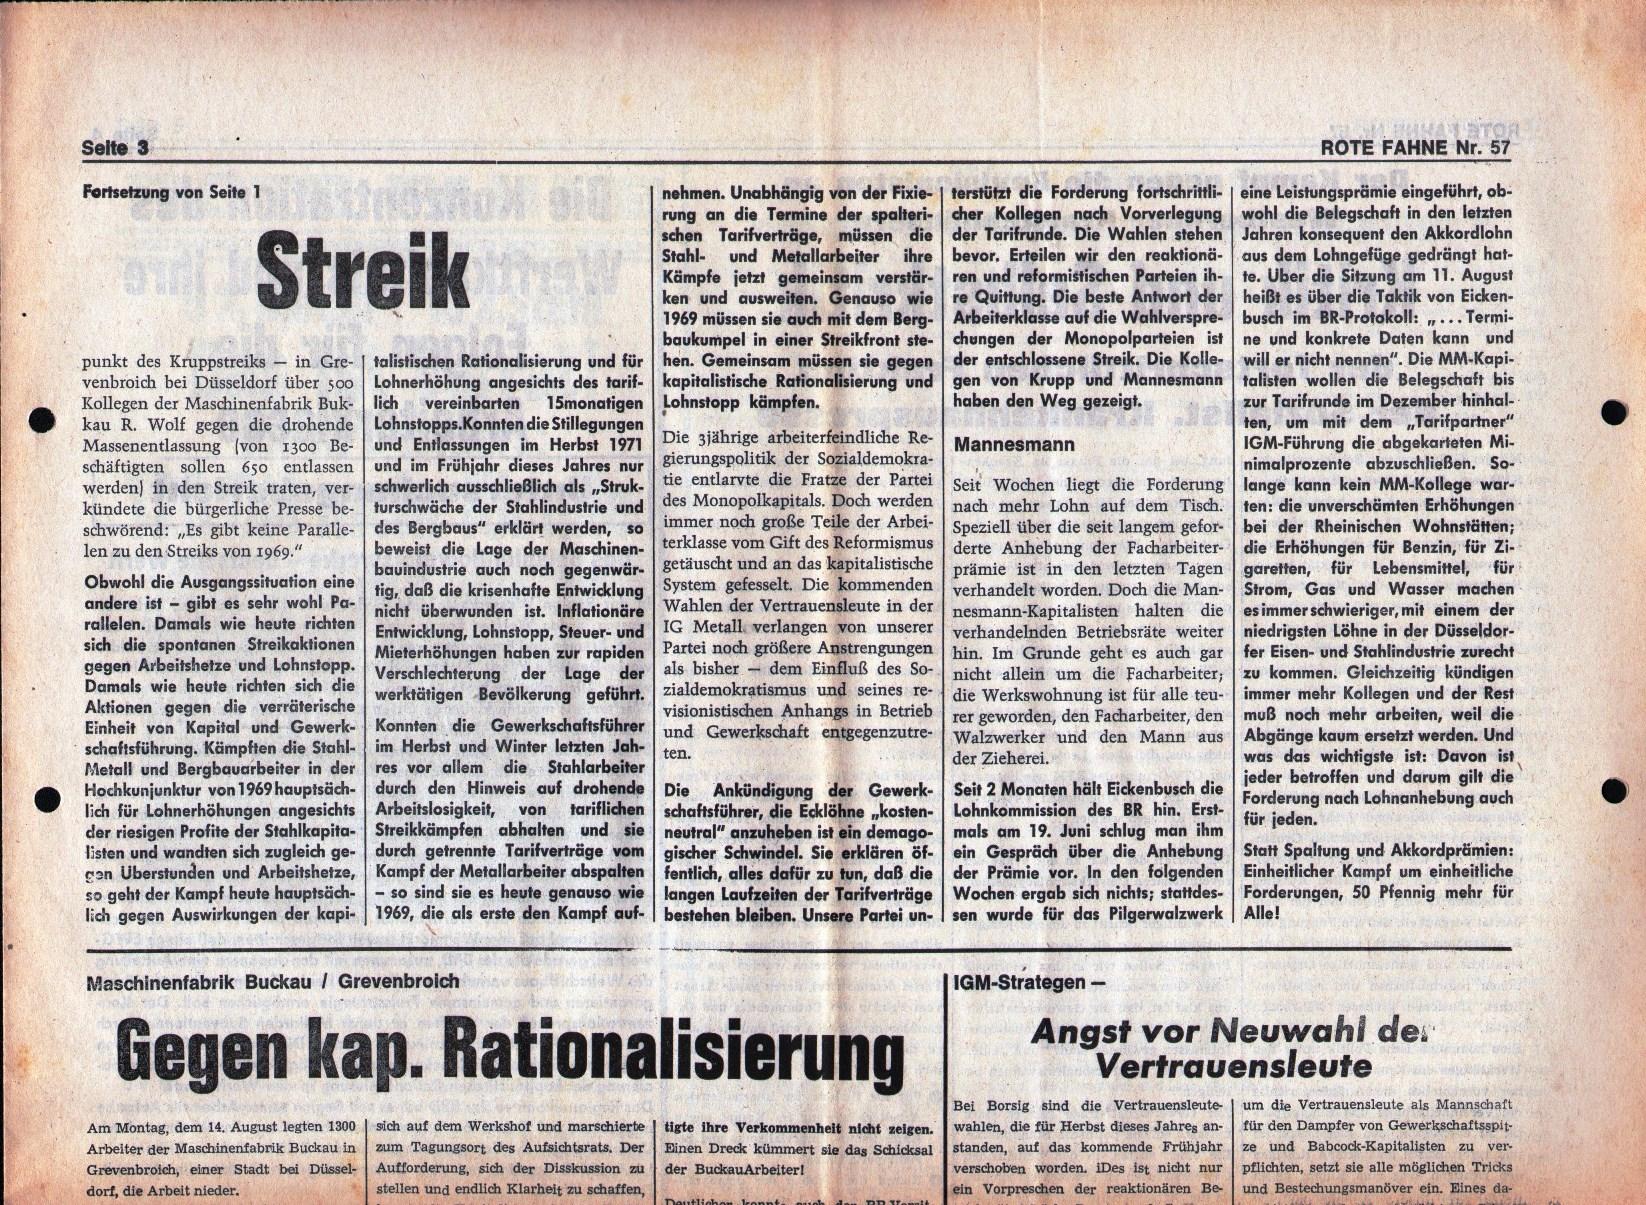 KPD_Rote_Fahne_1972_57_05